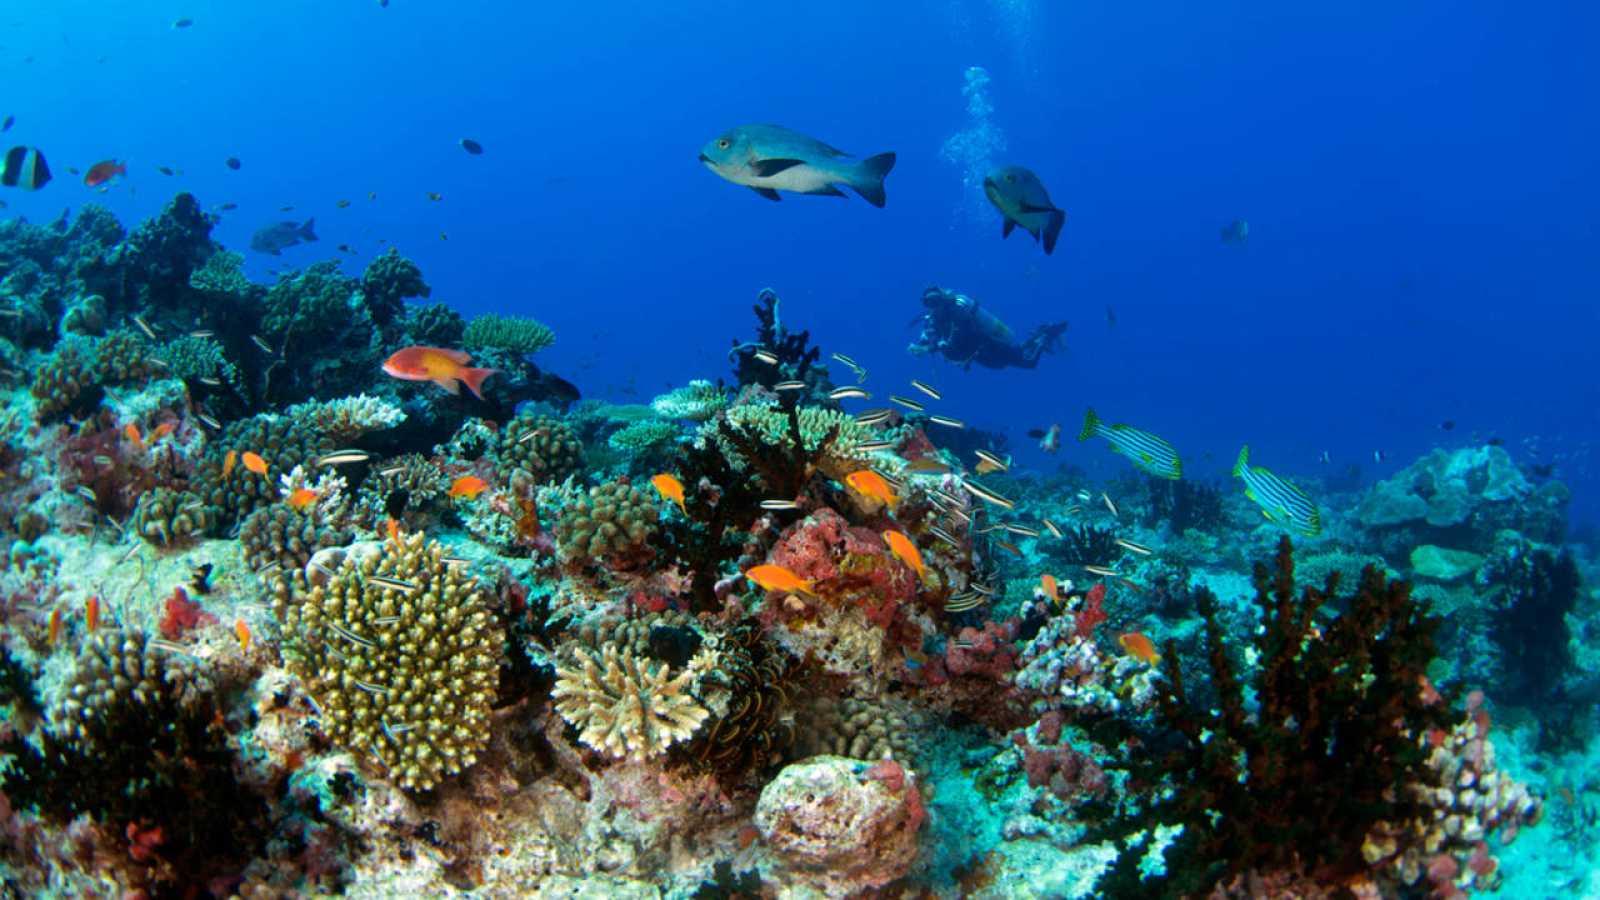 En algunos lugares específicos de los arrecifes de Maldivas, el blanqueo de corales afecta al 90%.